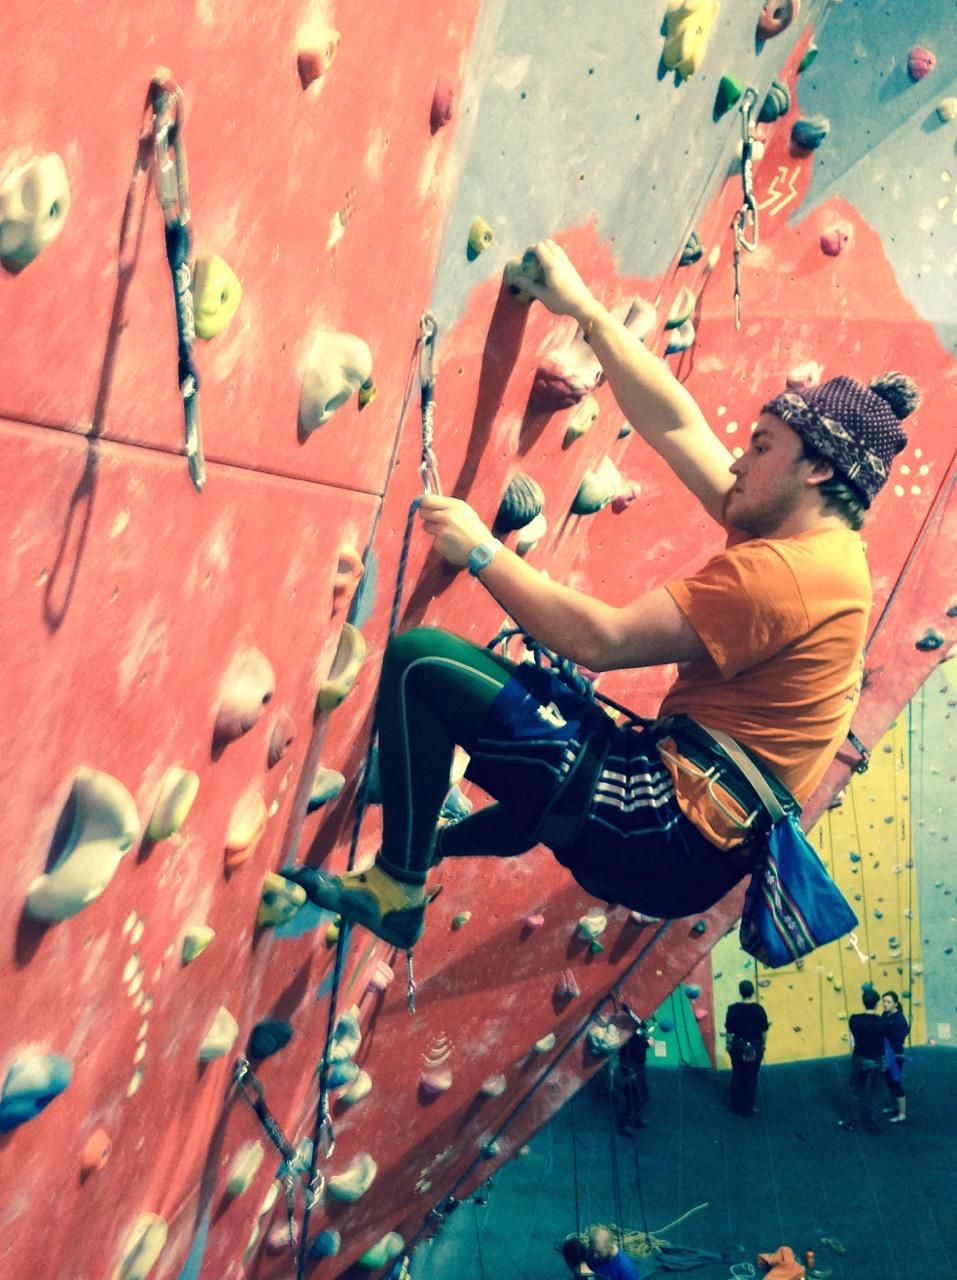 [climbing]